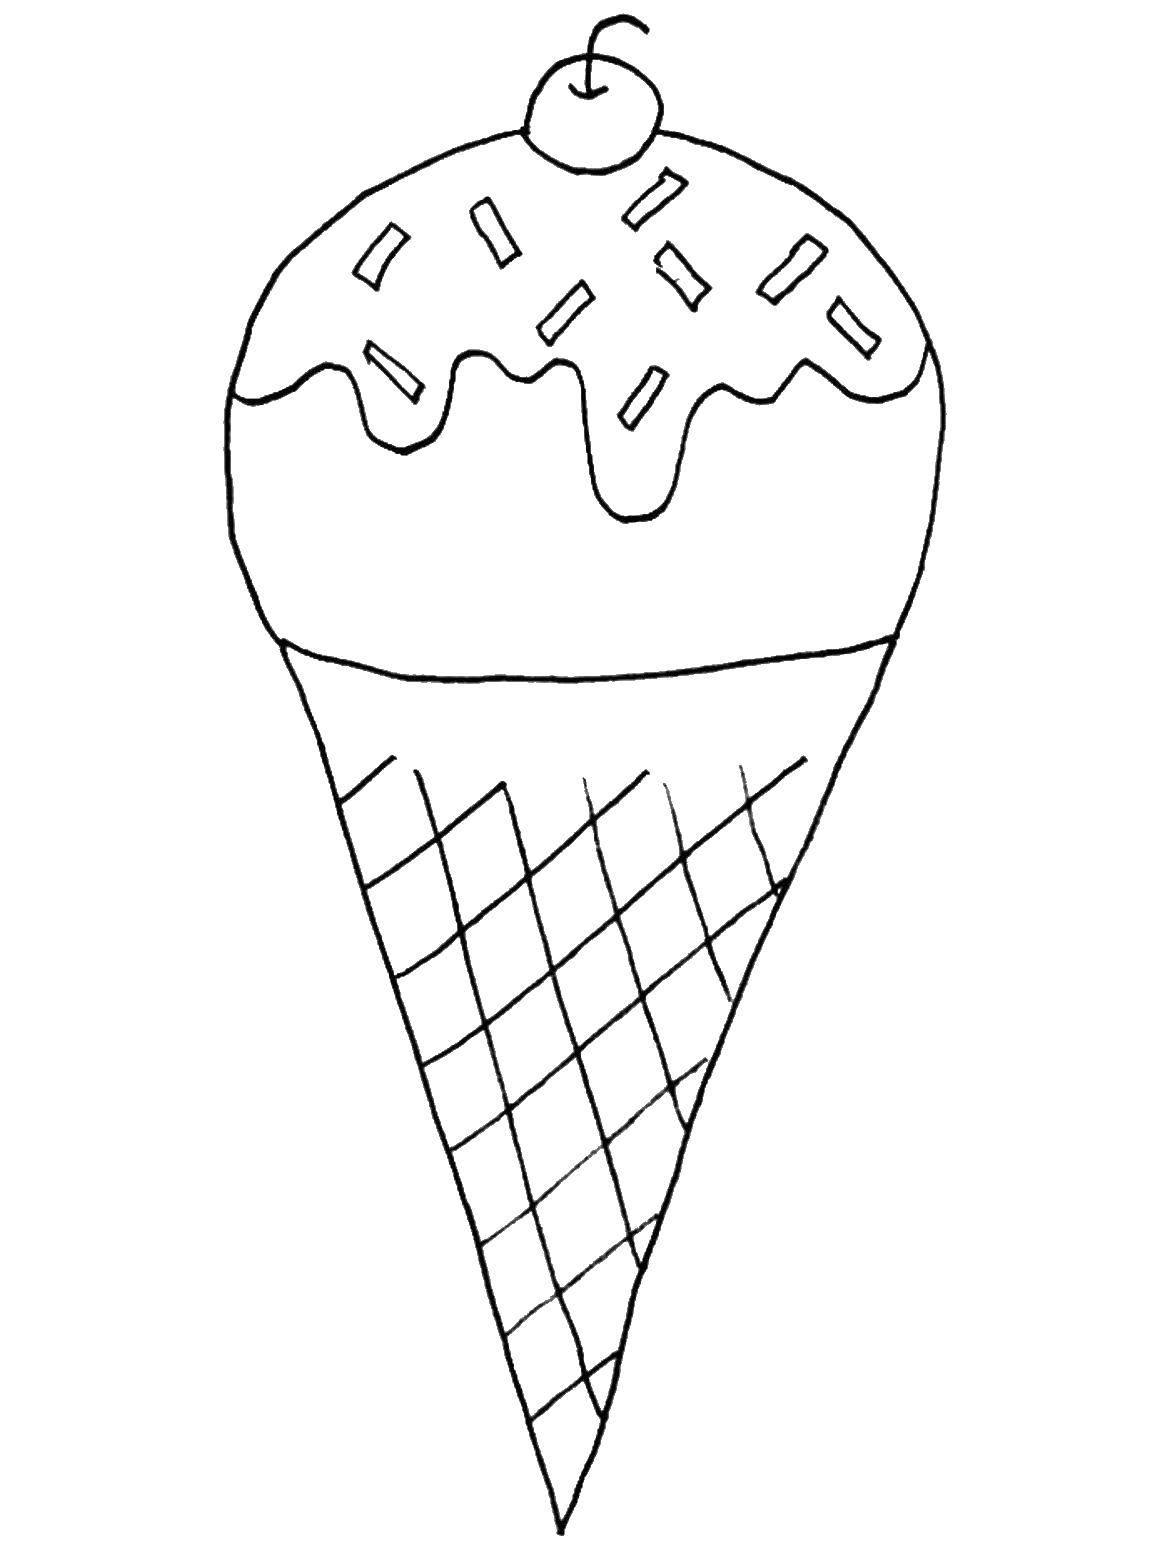 Раскраска Мороженое с вишенкой Скачать мороженое, шариковое мороженое.  Распечатать ,мороженое,